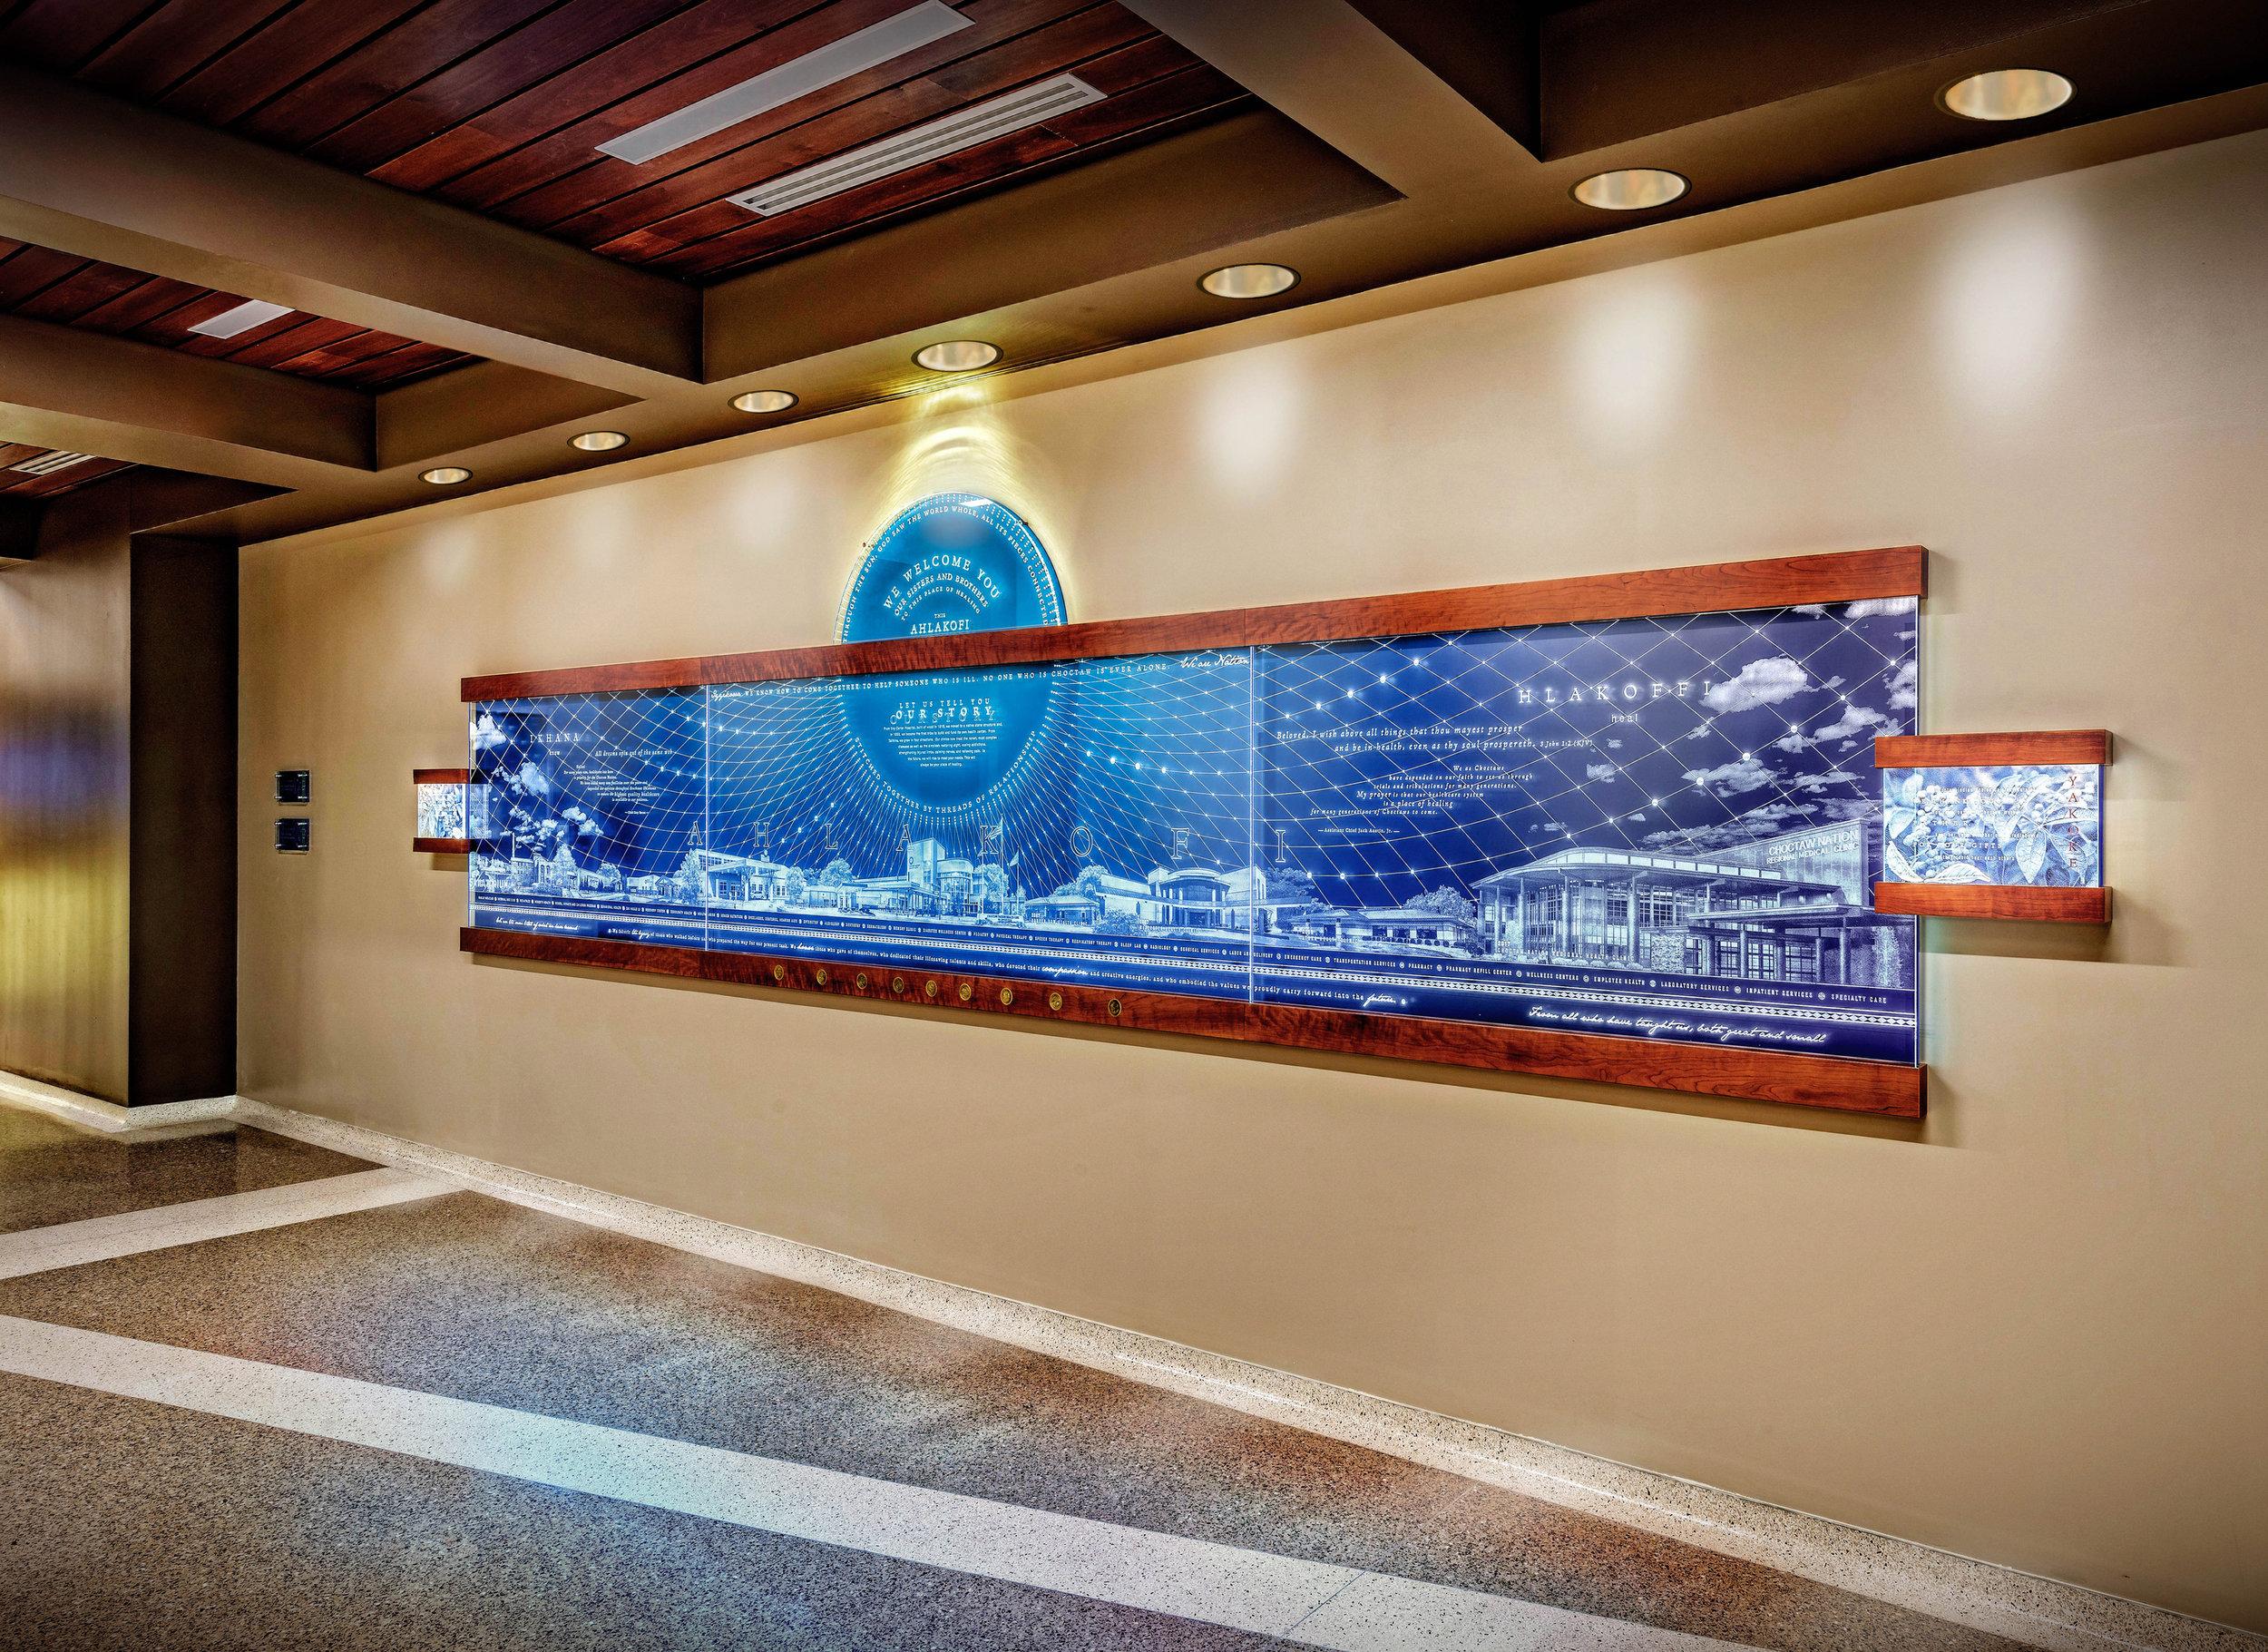 Image Courtesy of Choctaw Nation Regional Medical Clinic